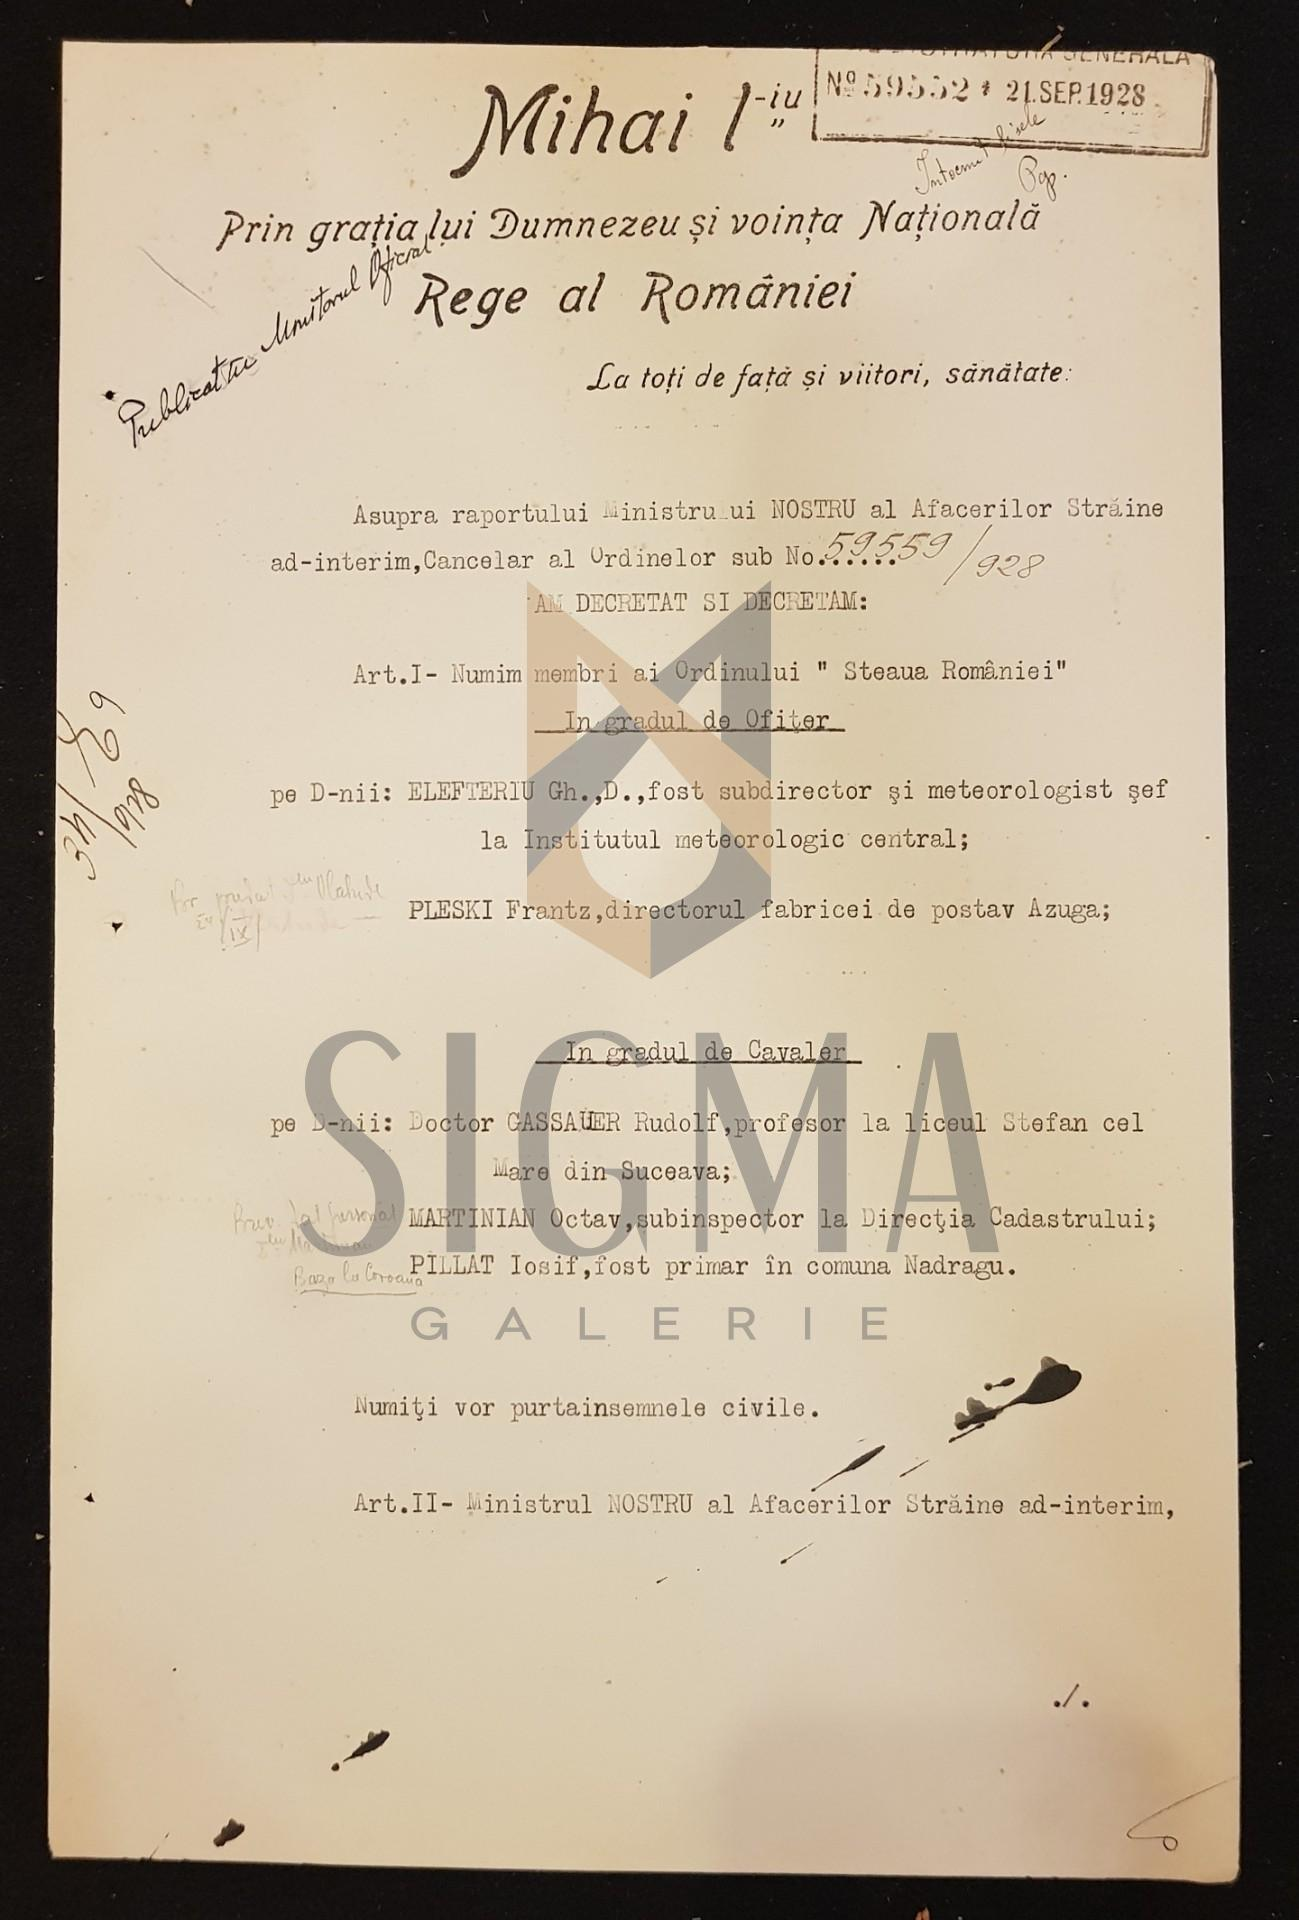 Brevet REGELE MIHAI I, MIRON CRISTEA, GHEORGHE BUZDUGAN, CONSTANTIN ARGETOIANU, DOCUMENT DE CANCELARIE, SEMNATURI ORIGINALE, CRIZA DINASTICA - REGENTA, 1928